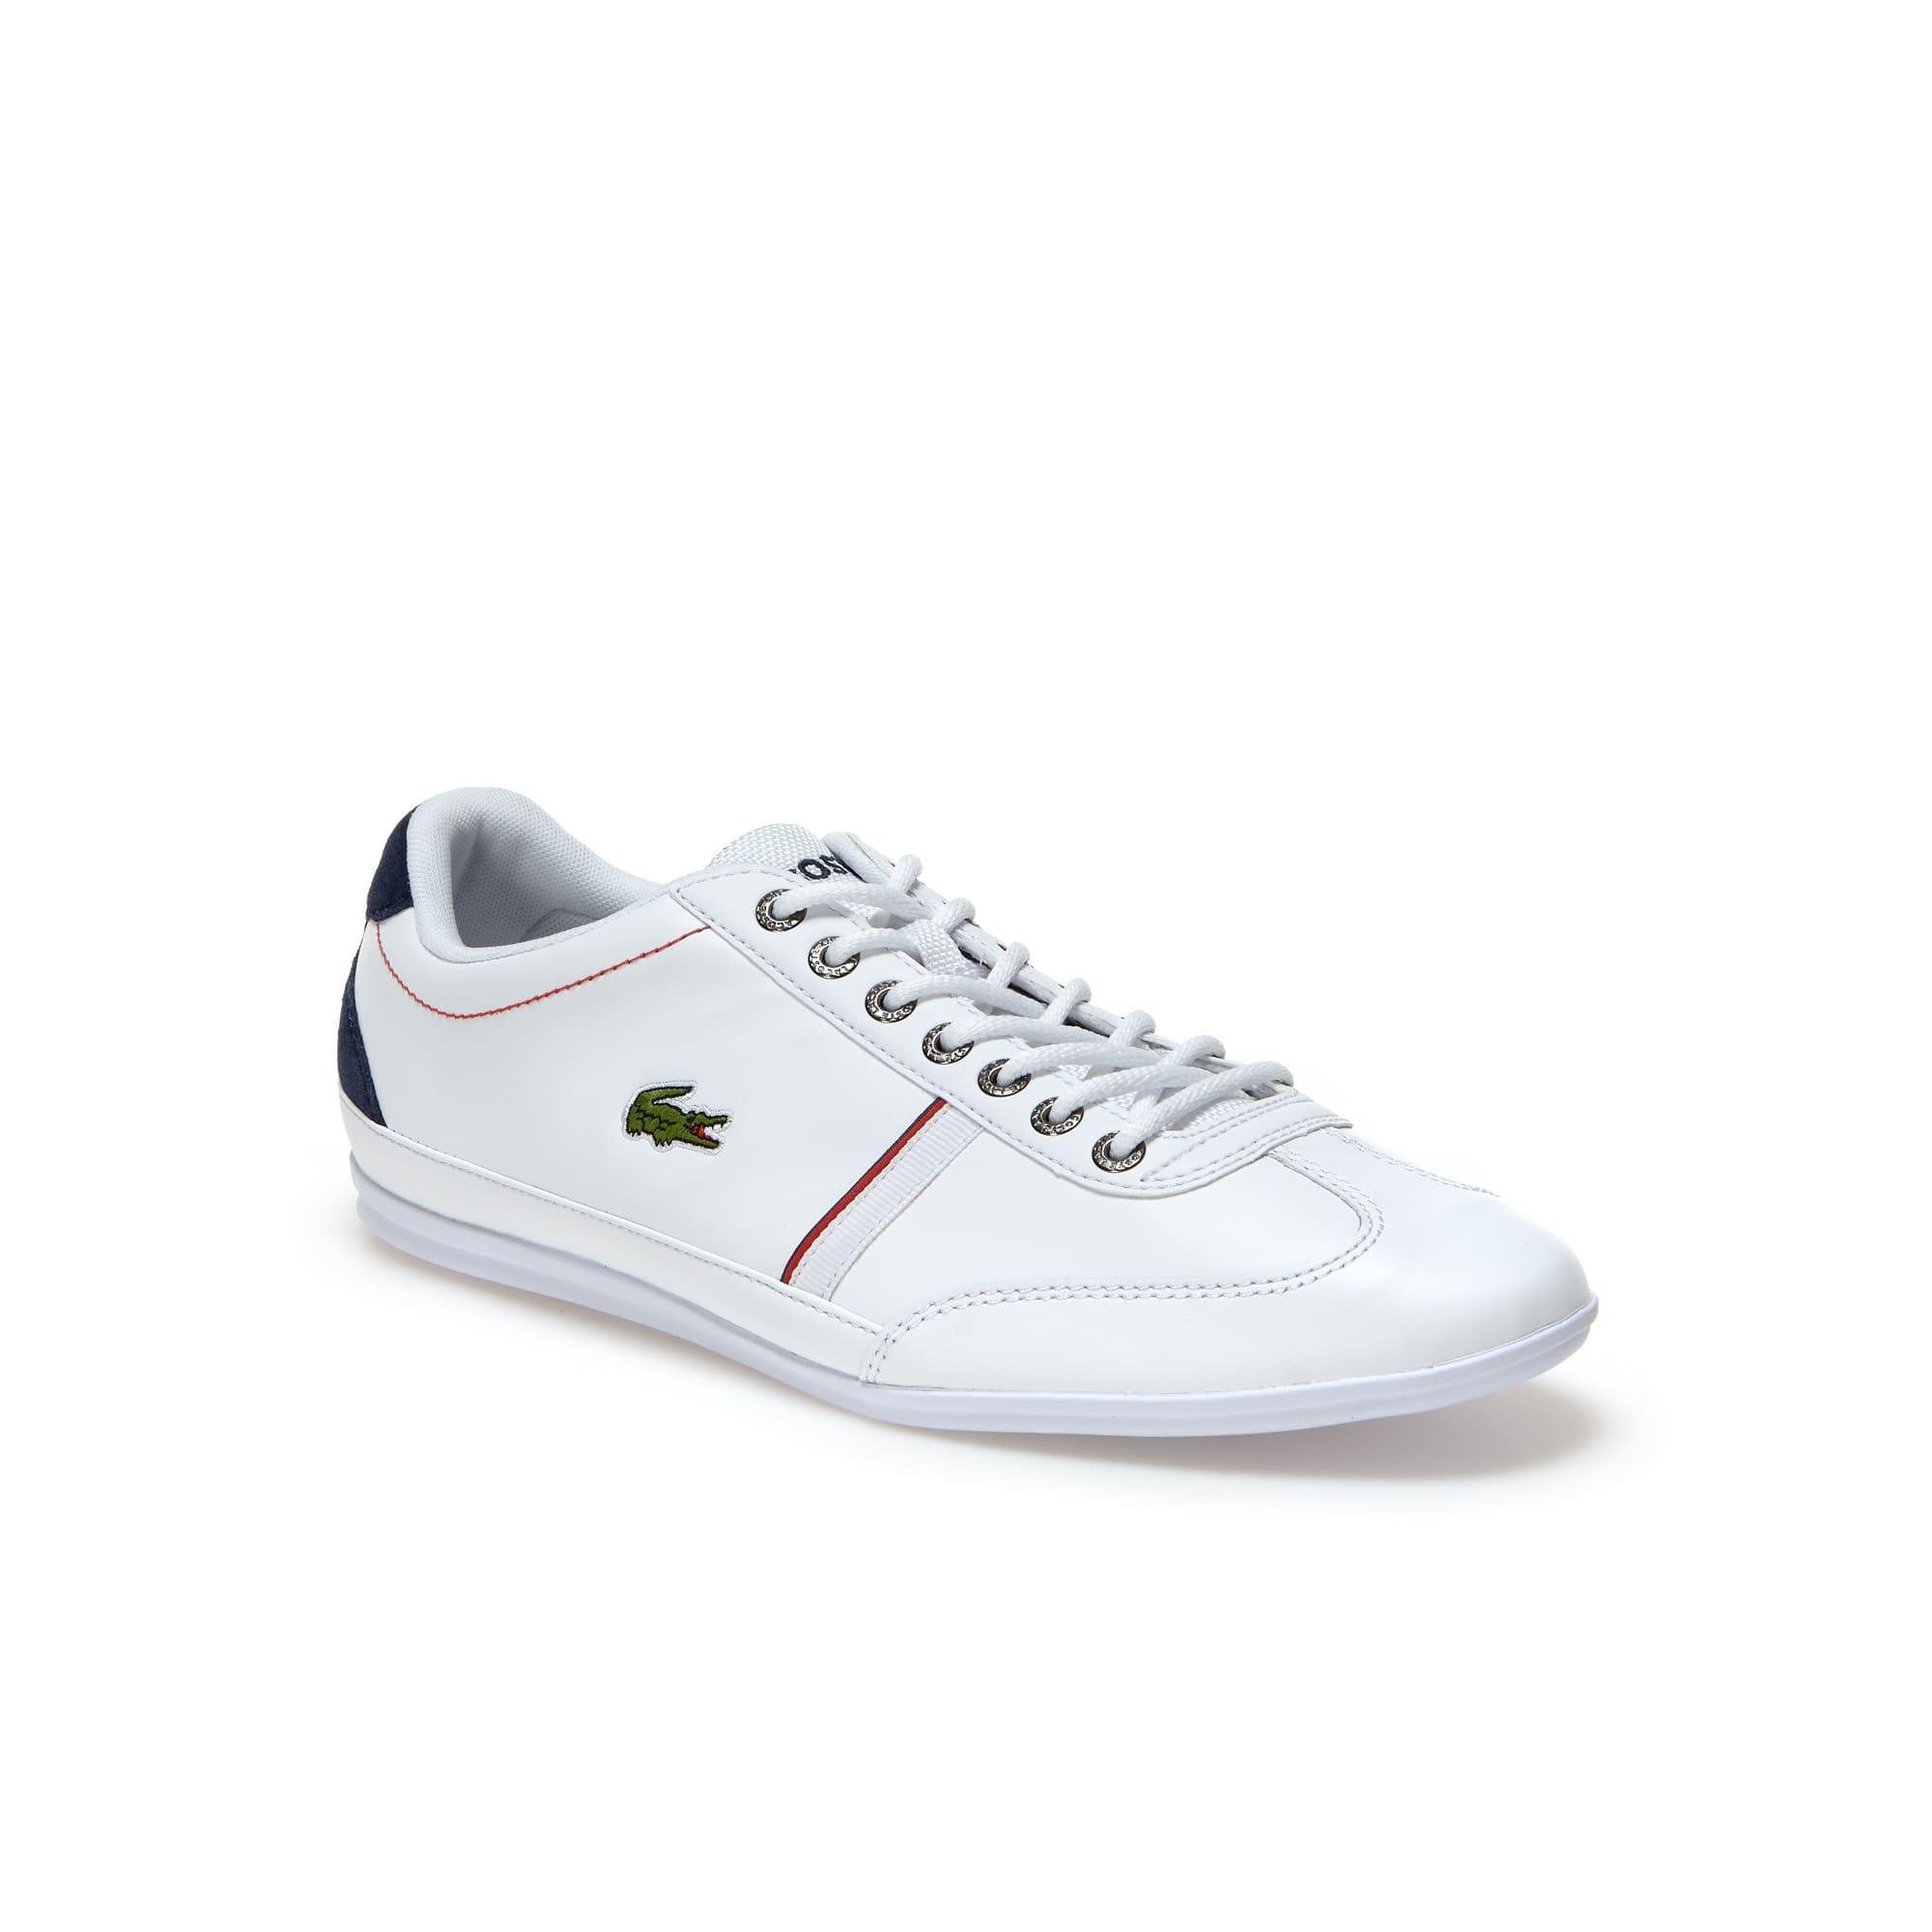 Misano Sport herensneakers van leer